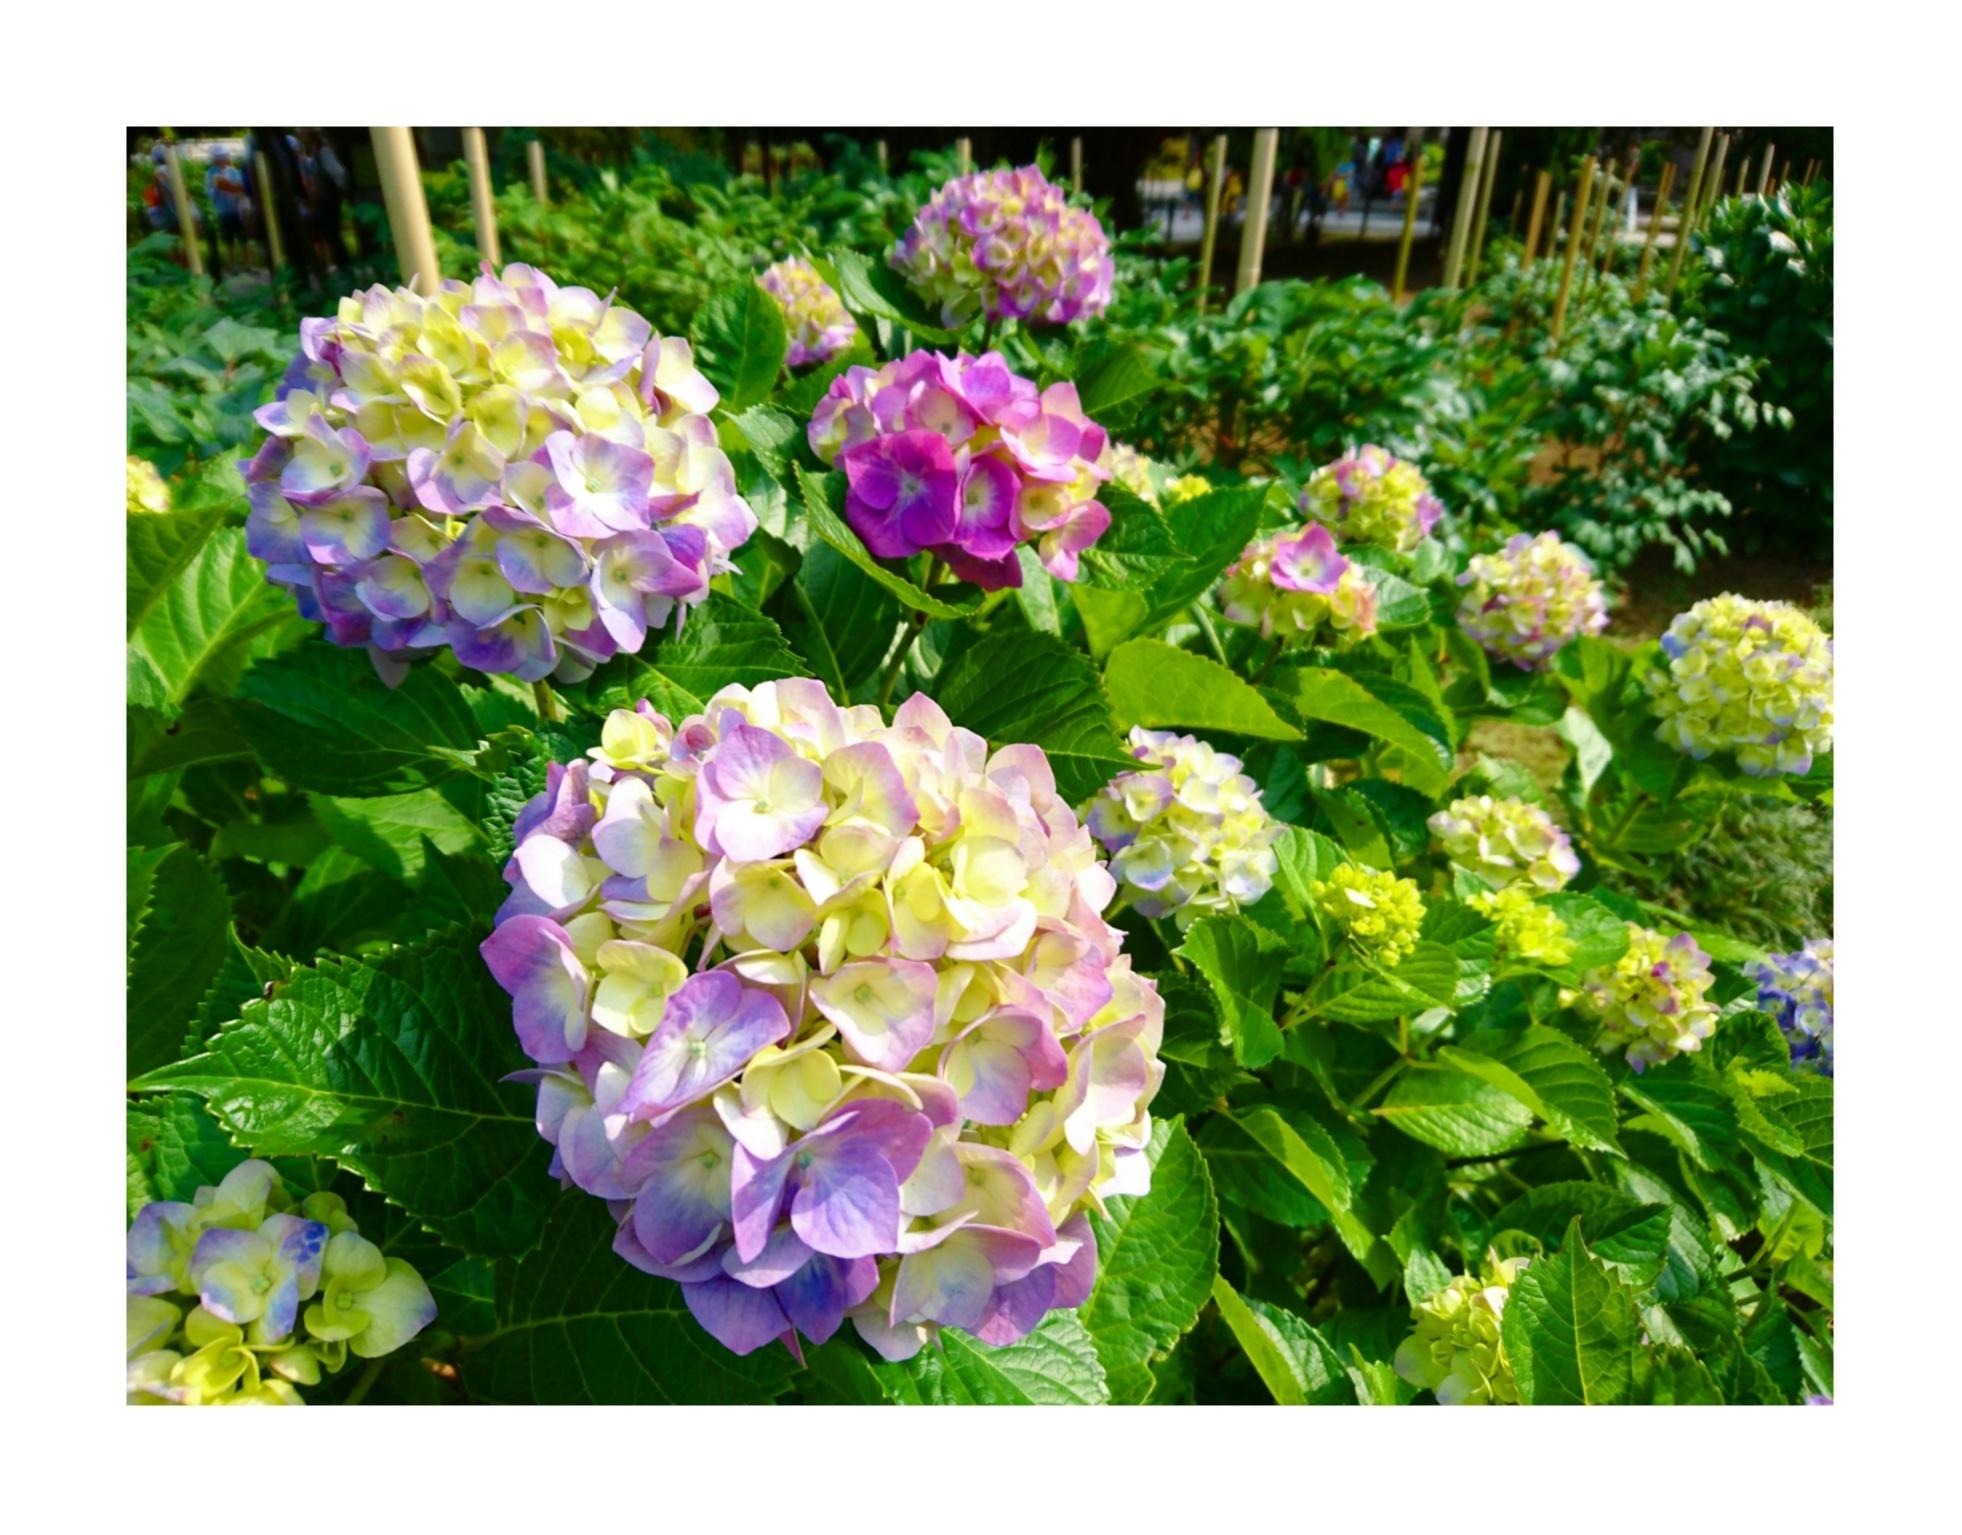 【散策】新緑が美しいこの季節は、鎌倉がおすすめ! ~ 紫陽花が見頃です ~  _6